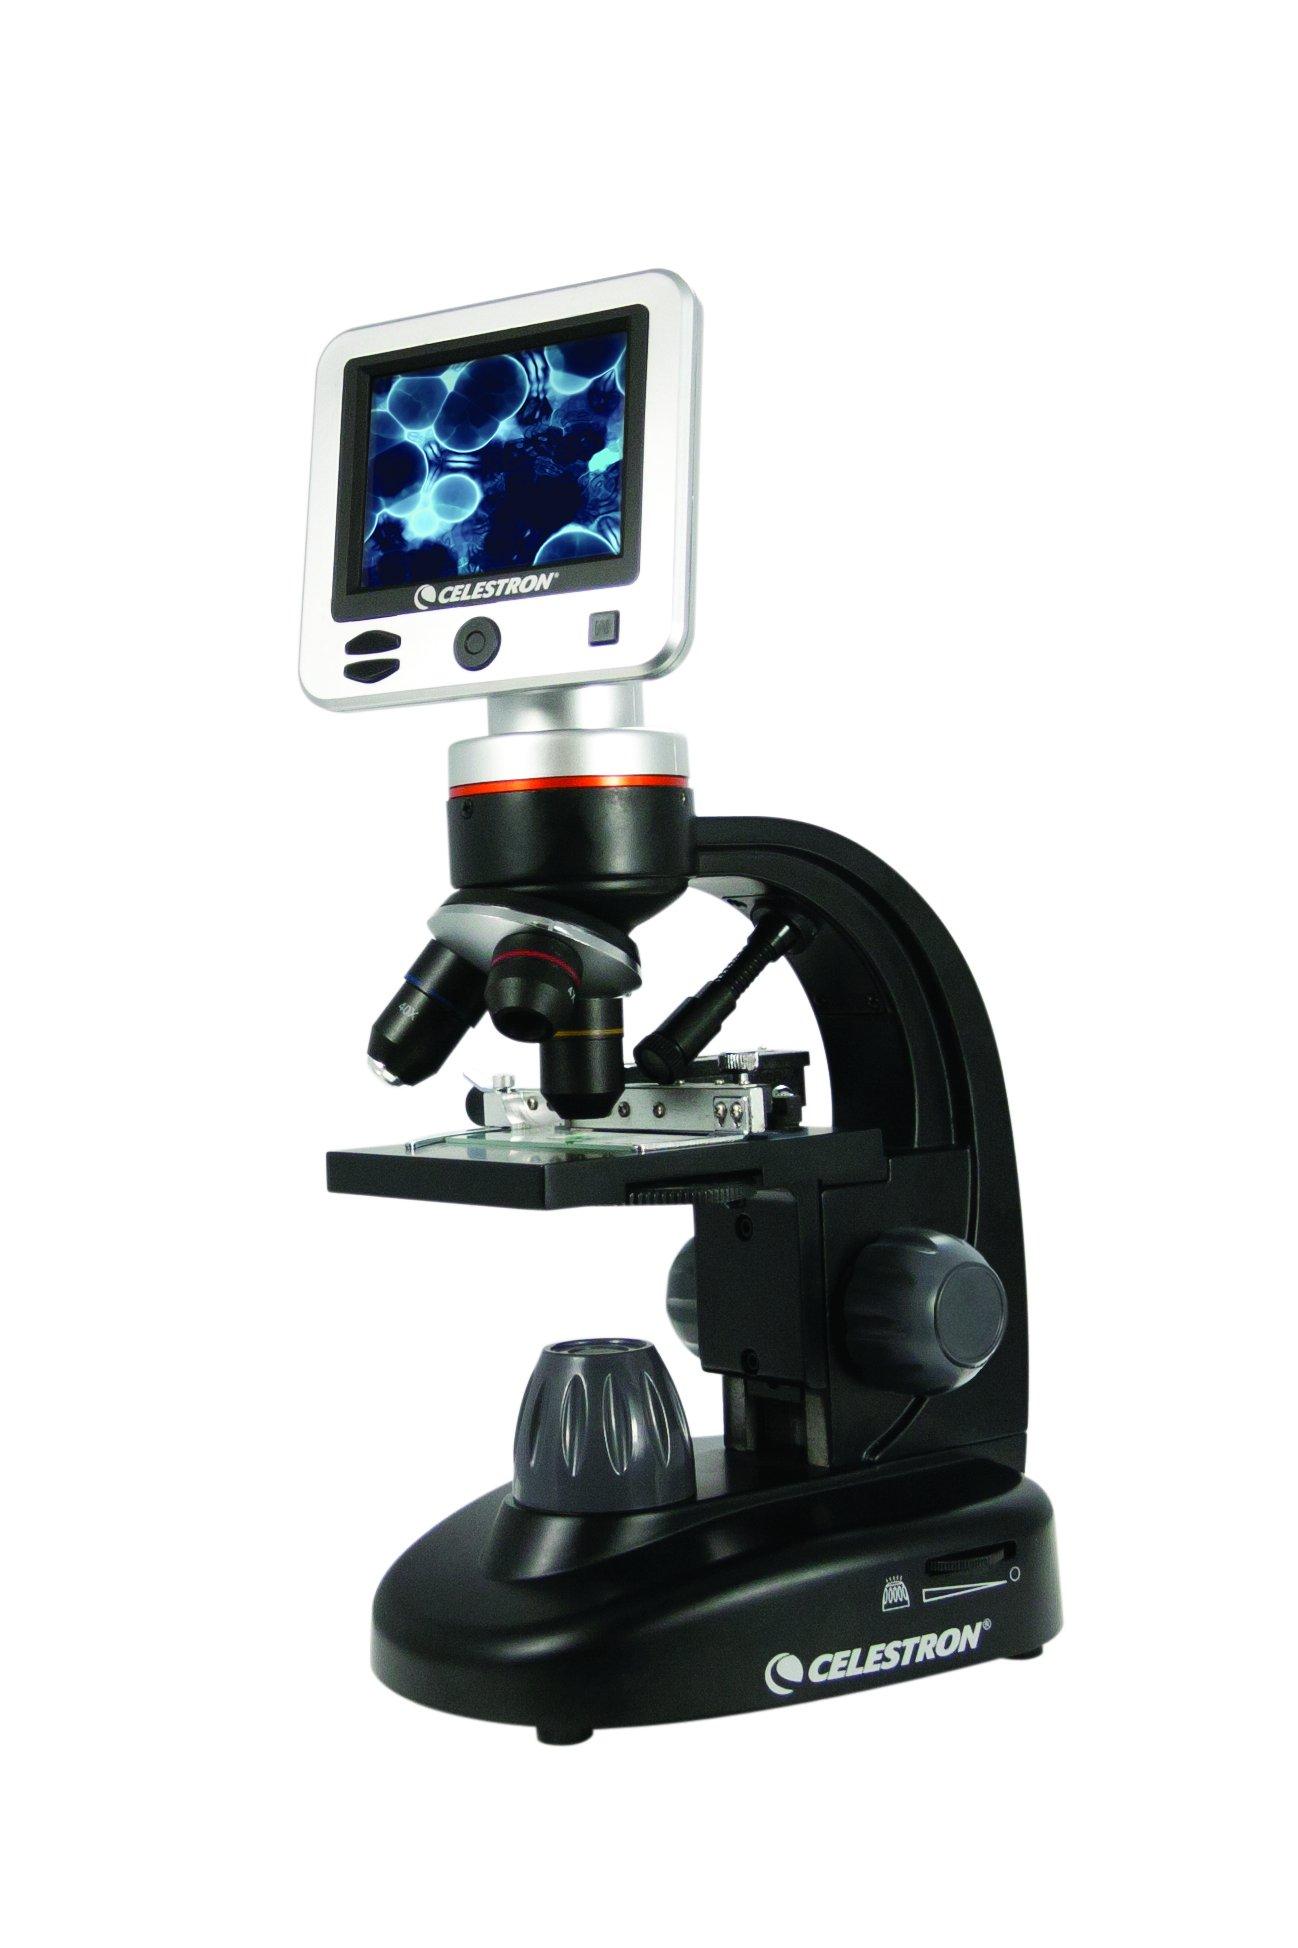 Celestron 44341 LCD Digital Microscope II (Black) by Celestron